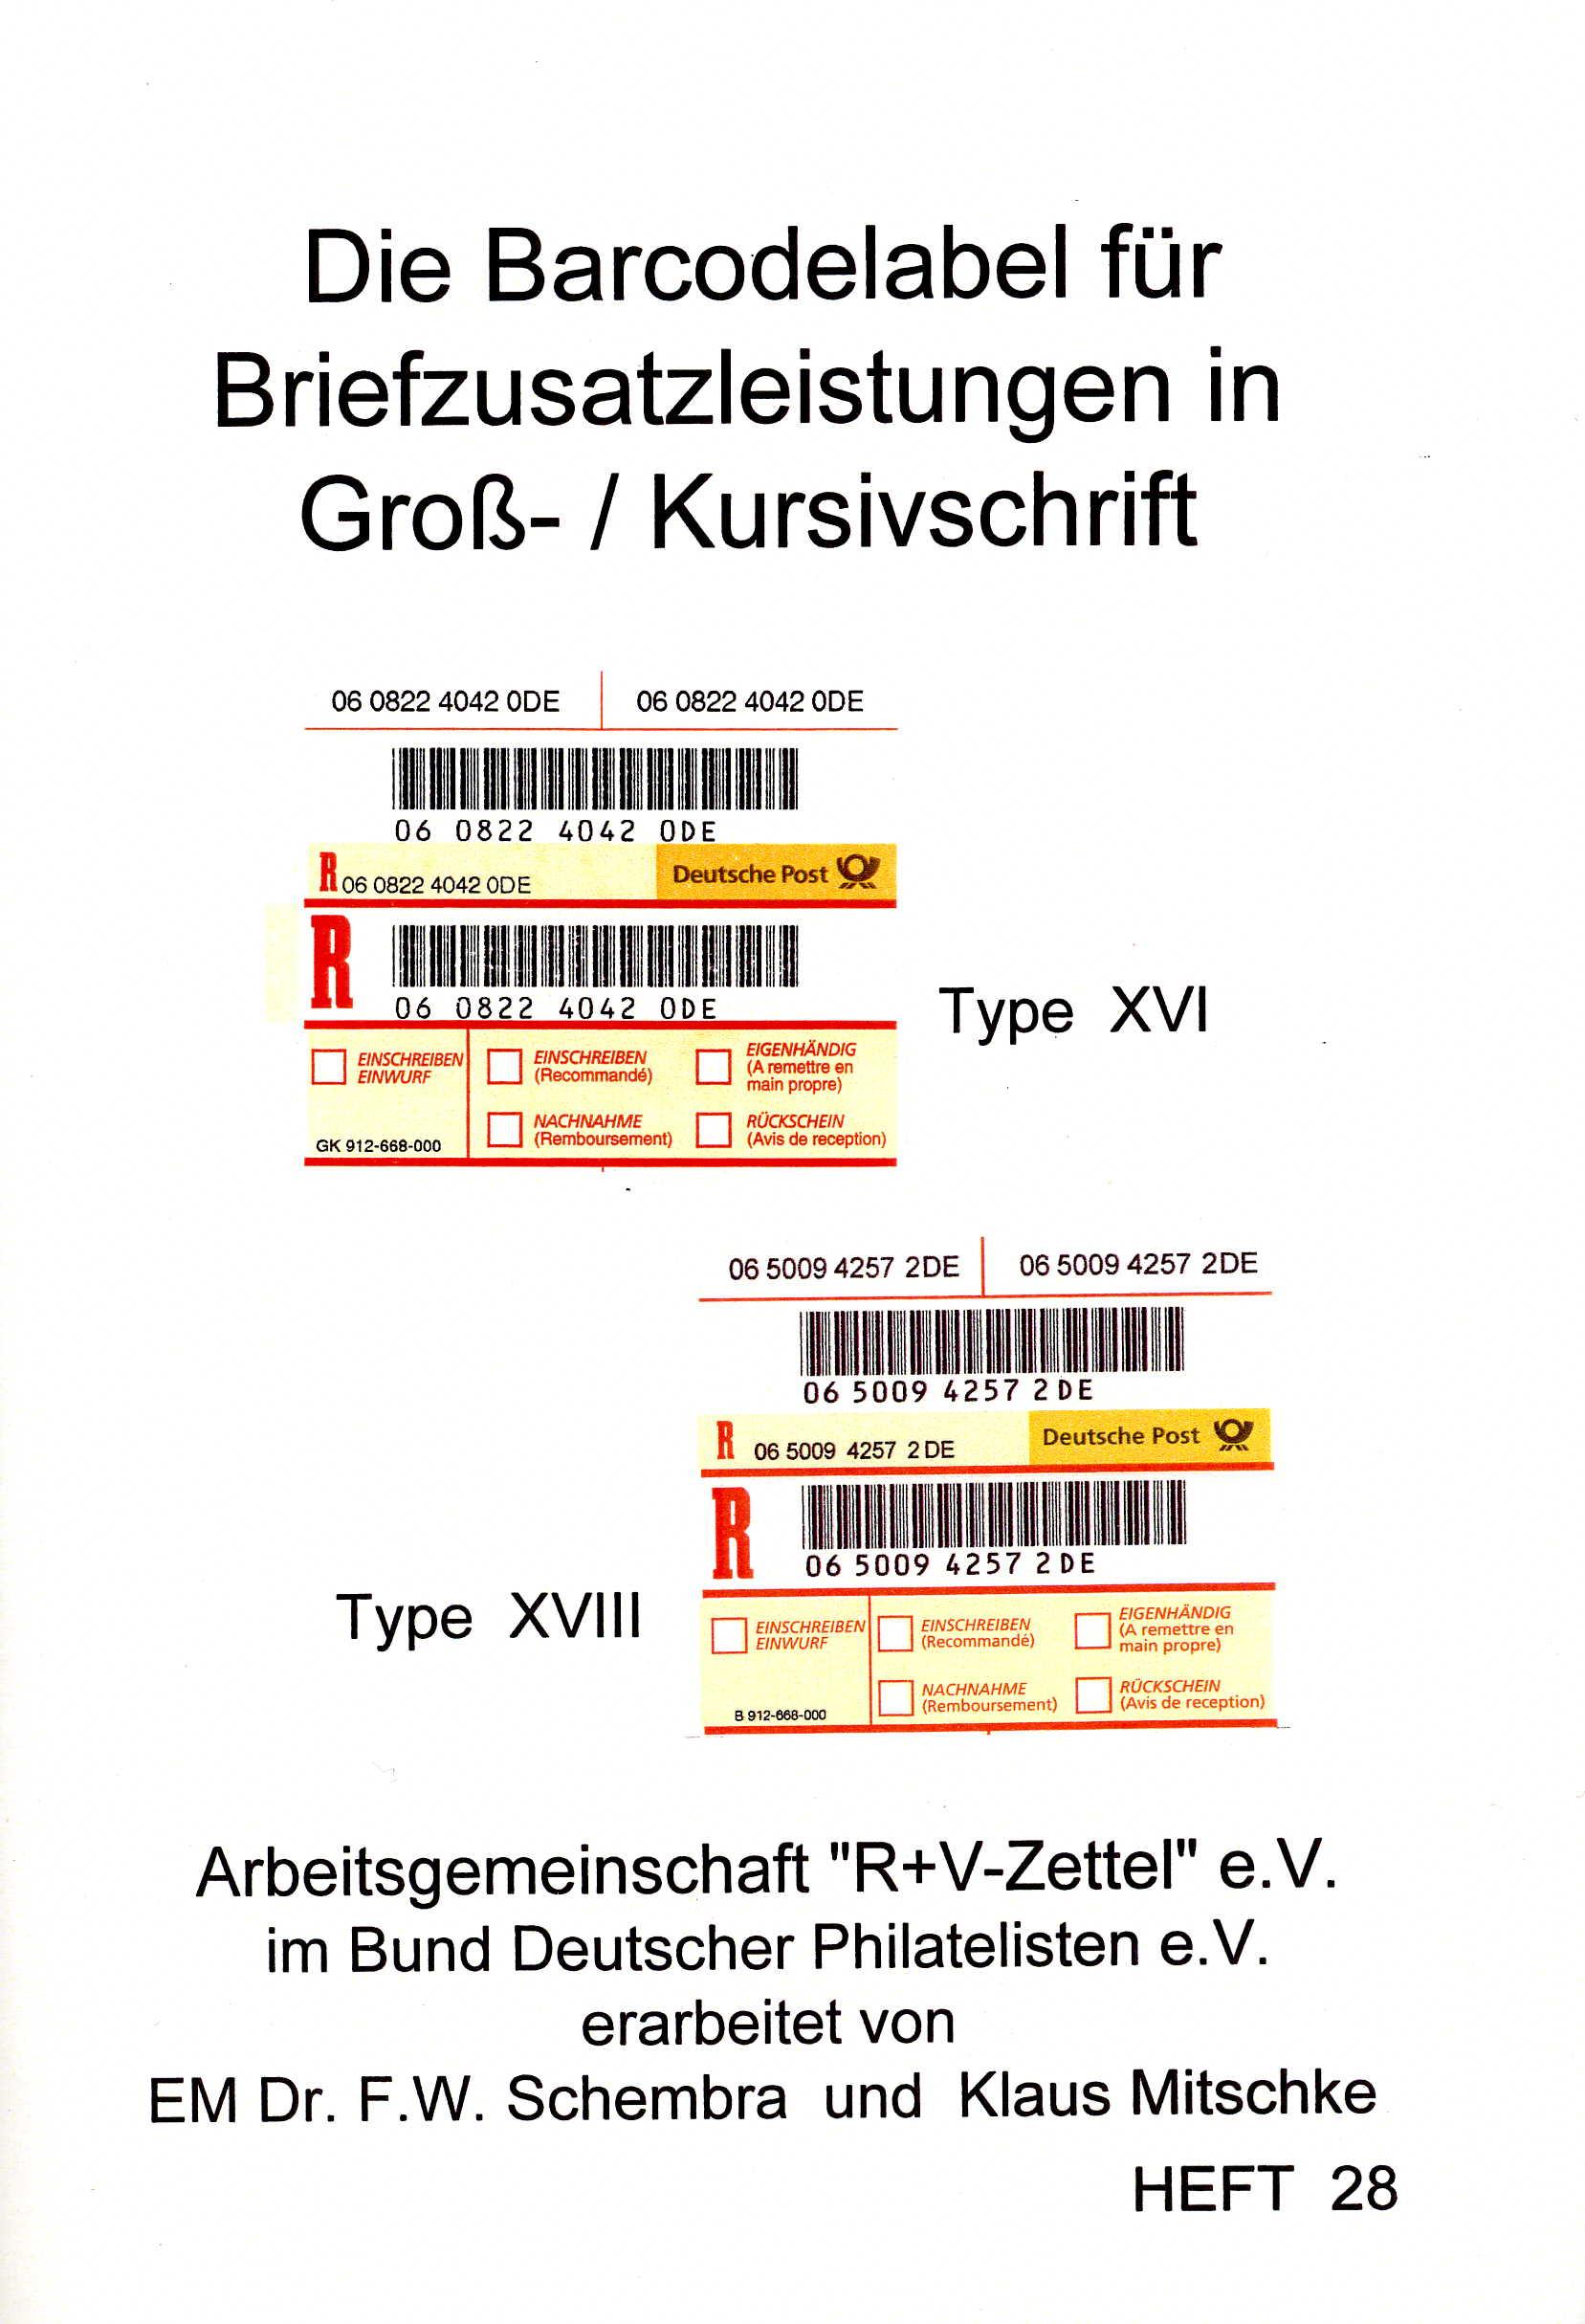 Schembra/Mitschke Katalog Die Barcodelabel für Briefzusatzleistu